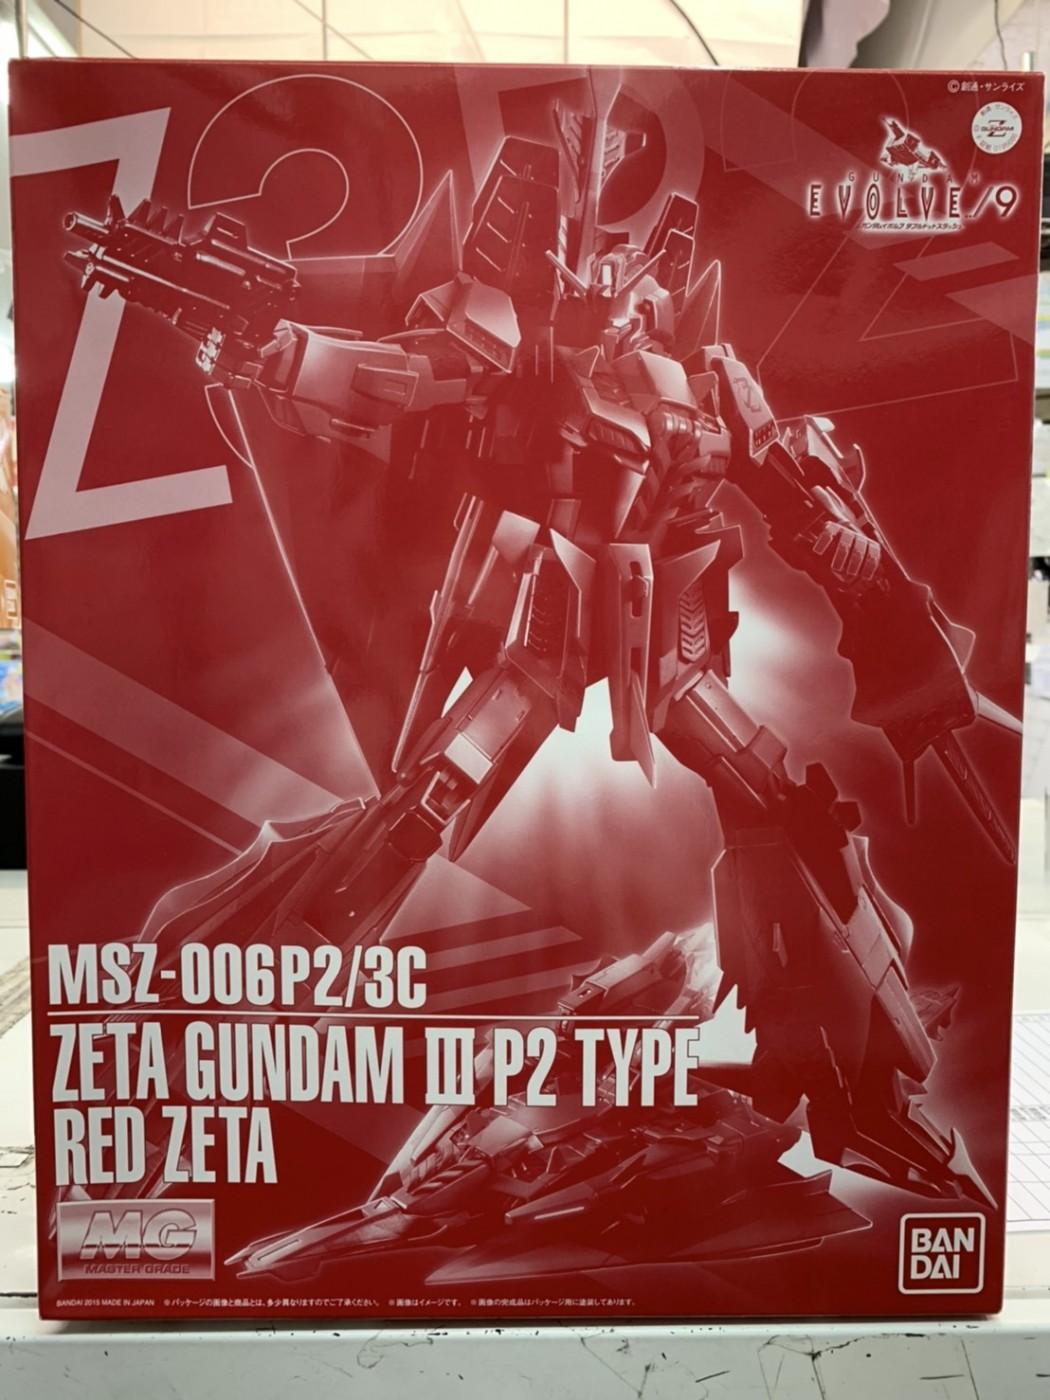 買取情報『バンダイのMG 1/100 MSZ-006P2/3C ゼータガンダム3号機P2型 レッド・ゼータ』